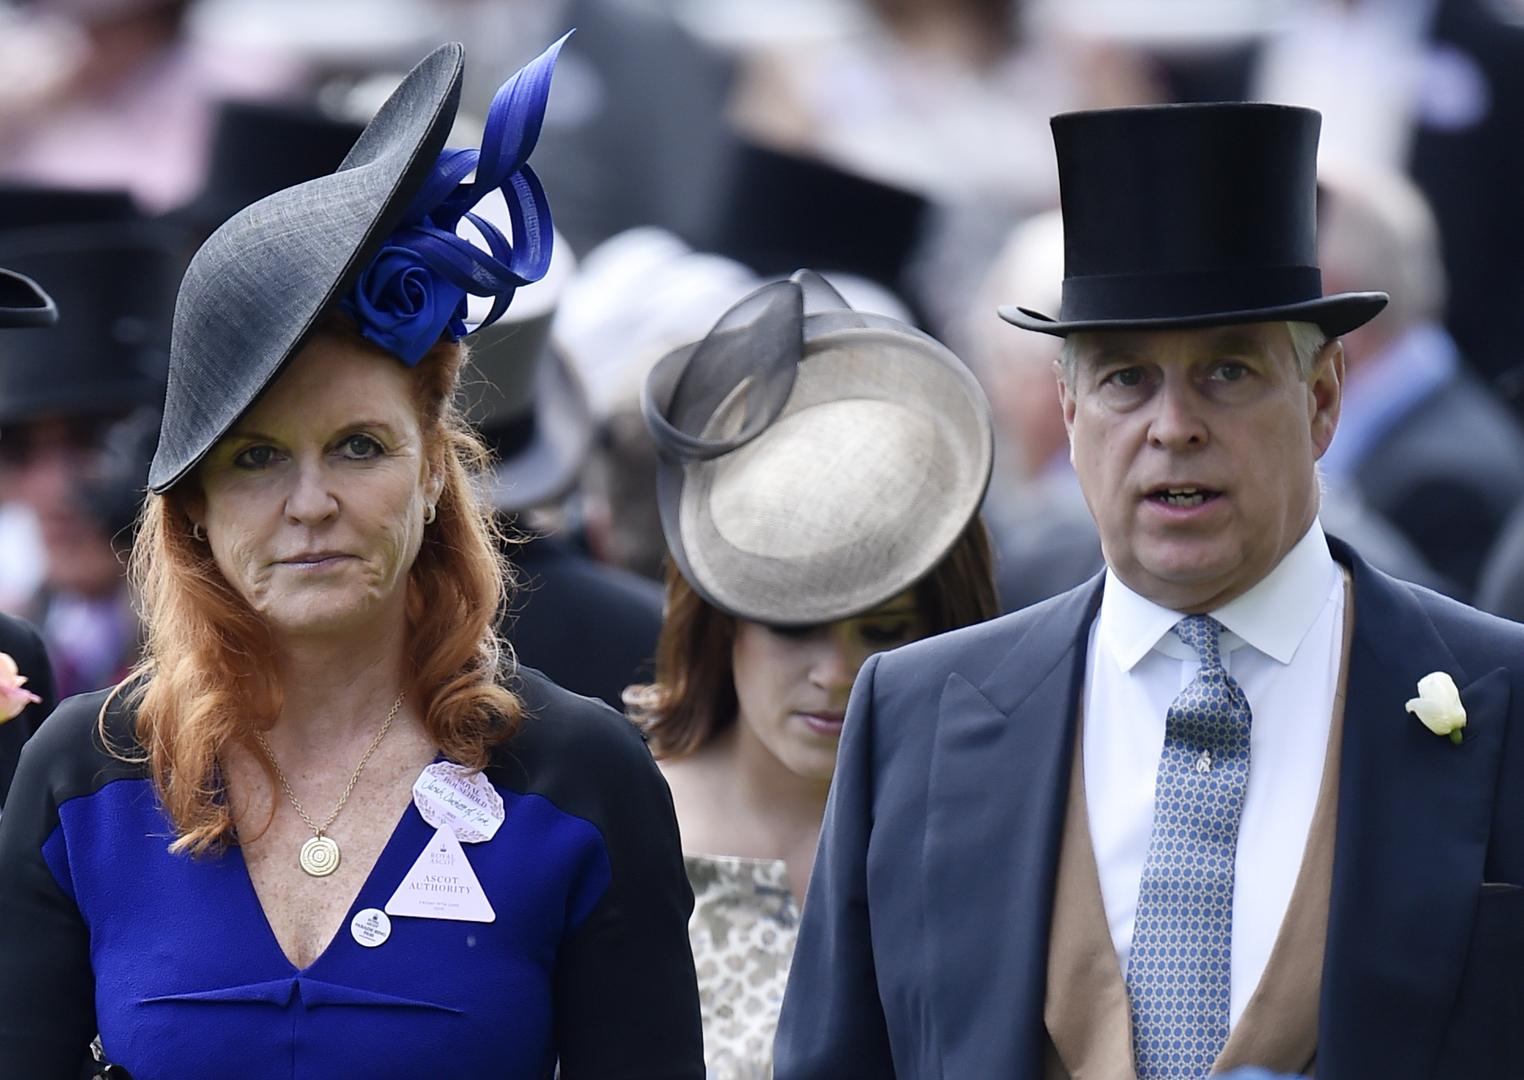 الأمير البريطاني أندرو وزوجته السابقة سارة فيرغسون